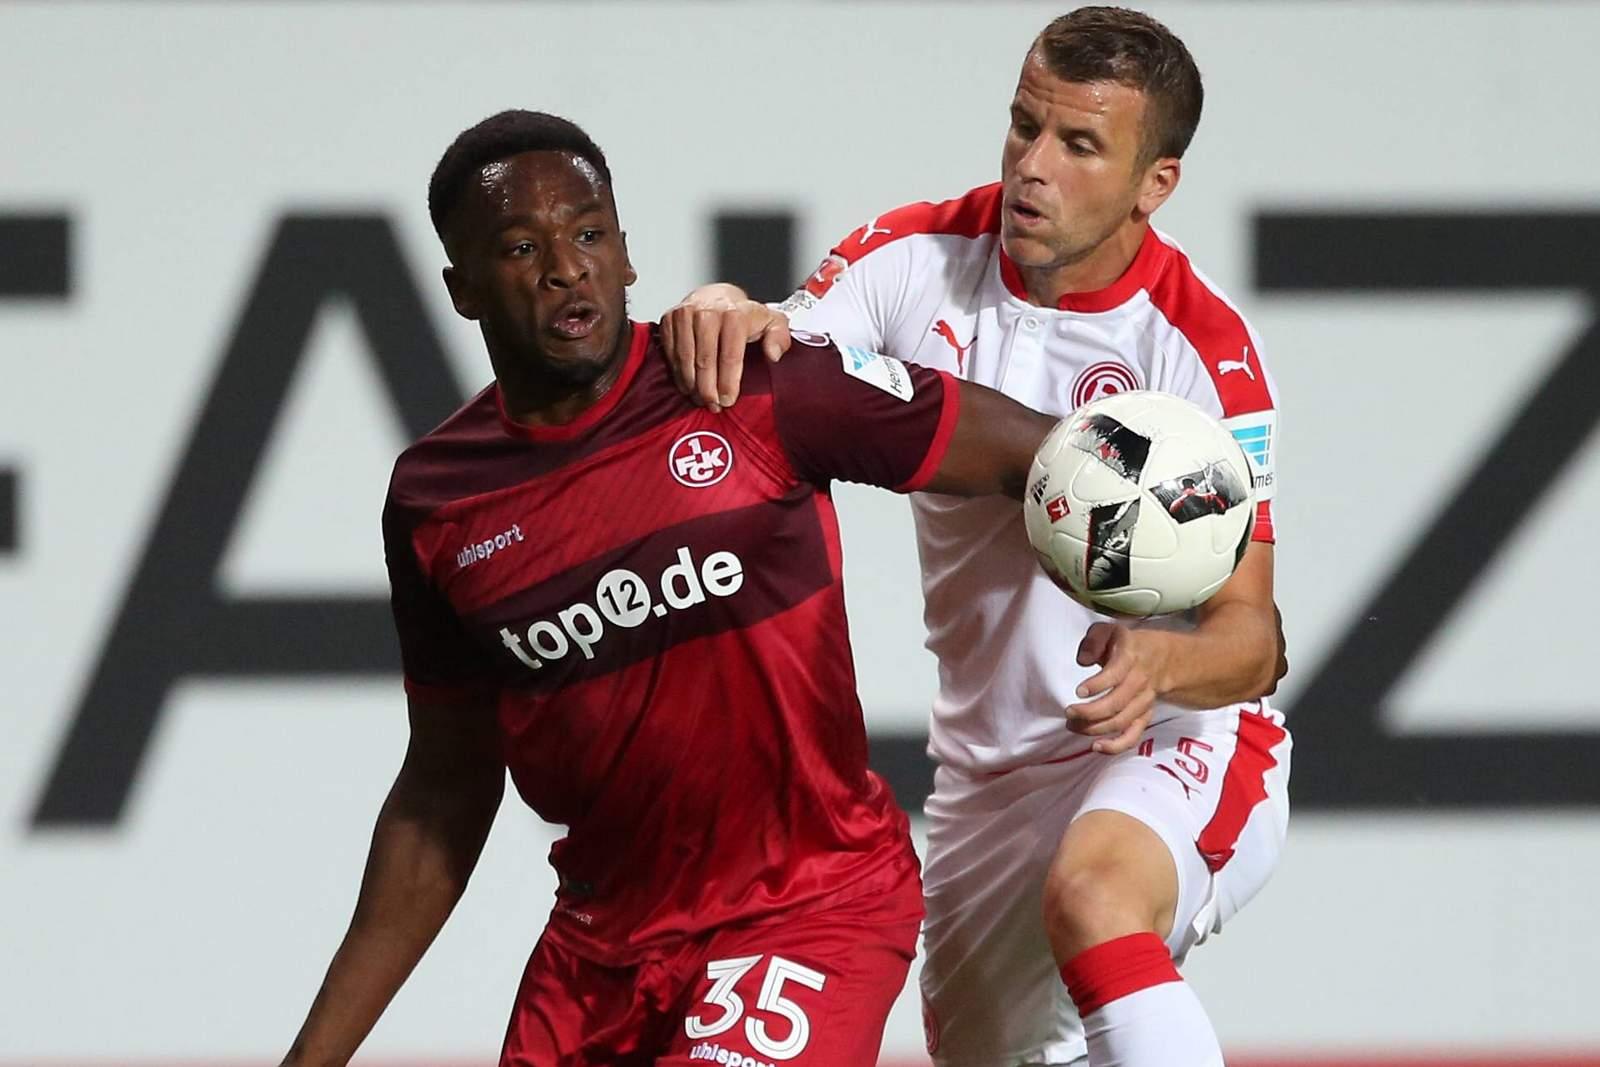 Setzt sich Osawe gegen Schmitz durch? Jetzt auf Düsseldorf gegen Kaiserslautern wetten